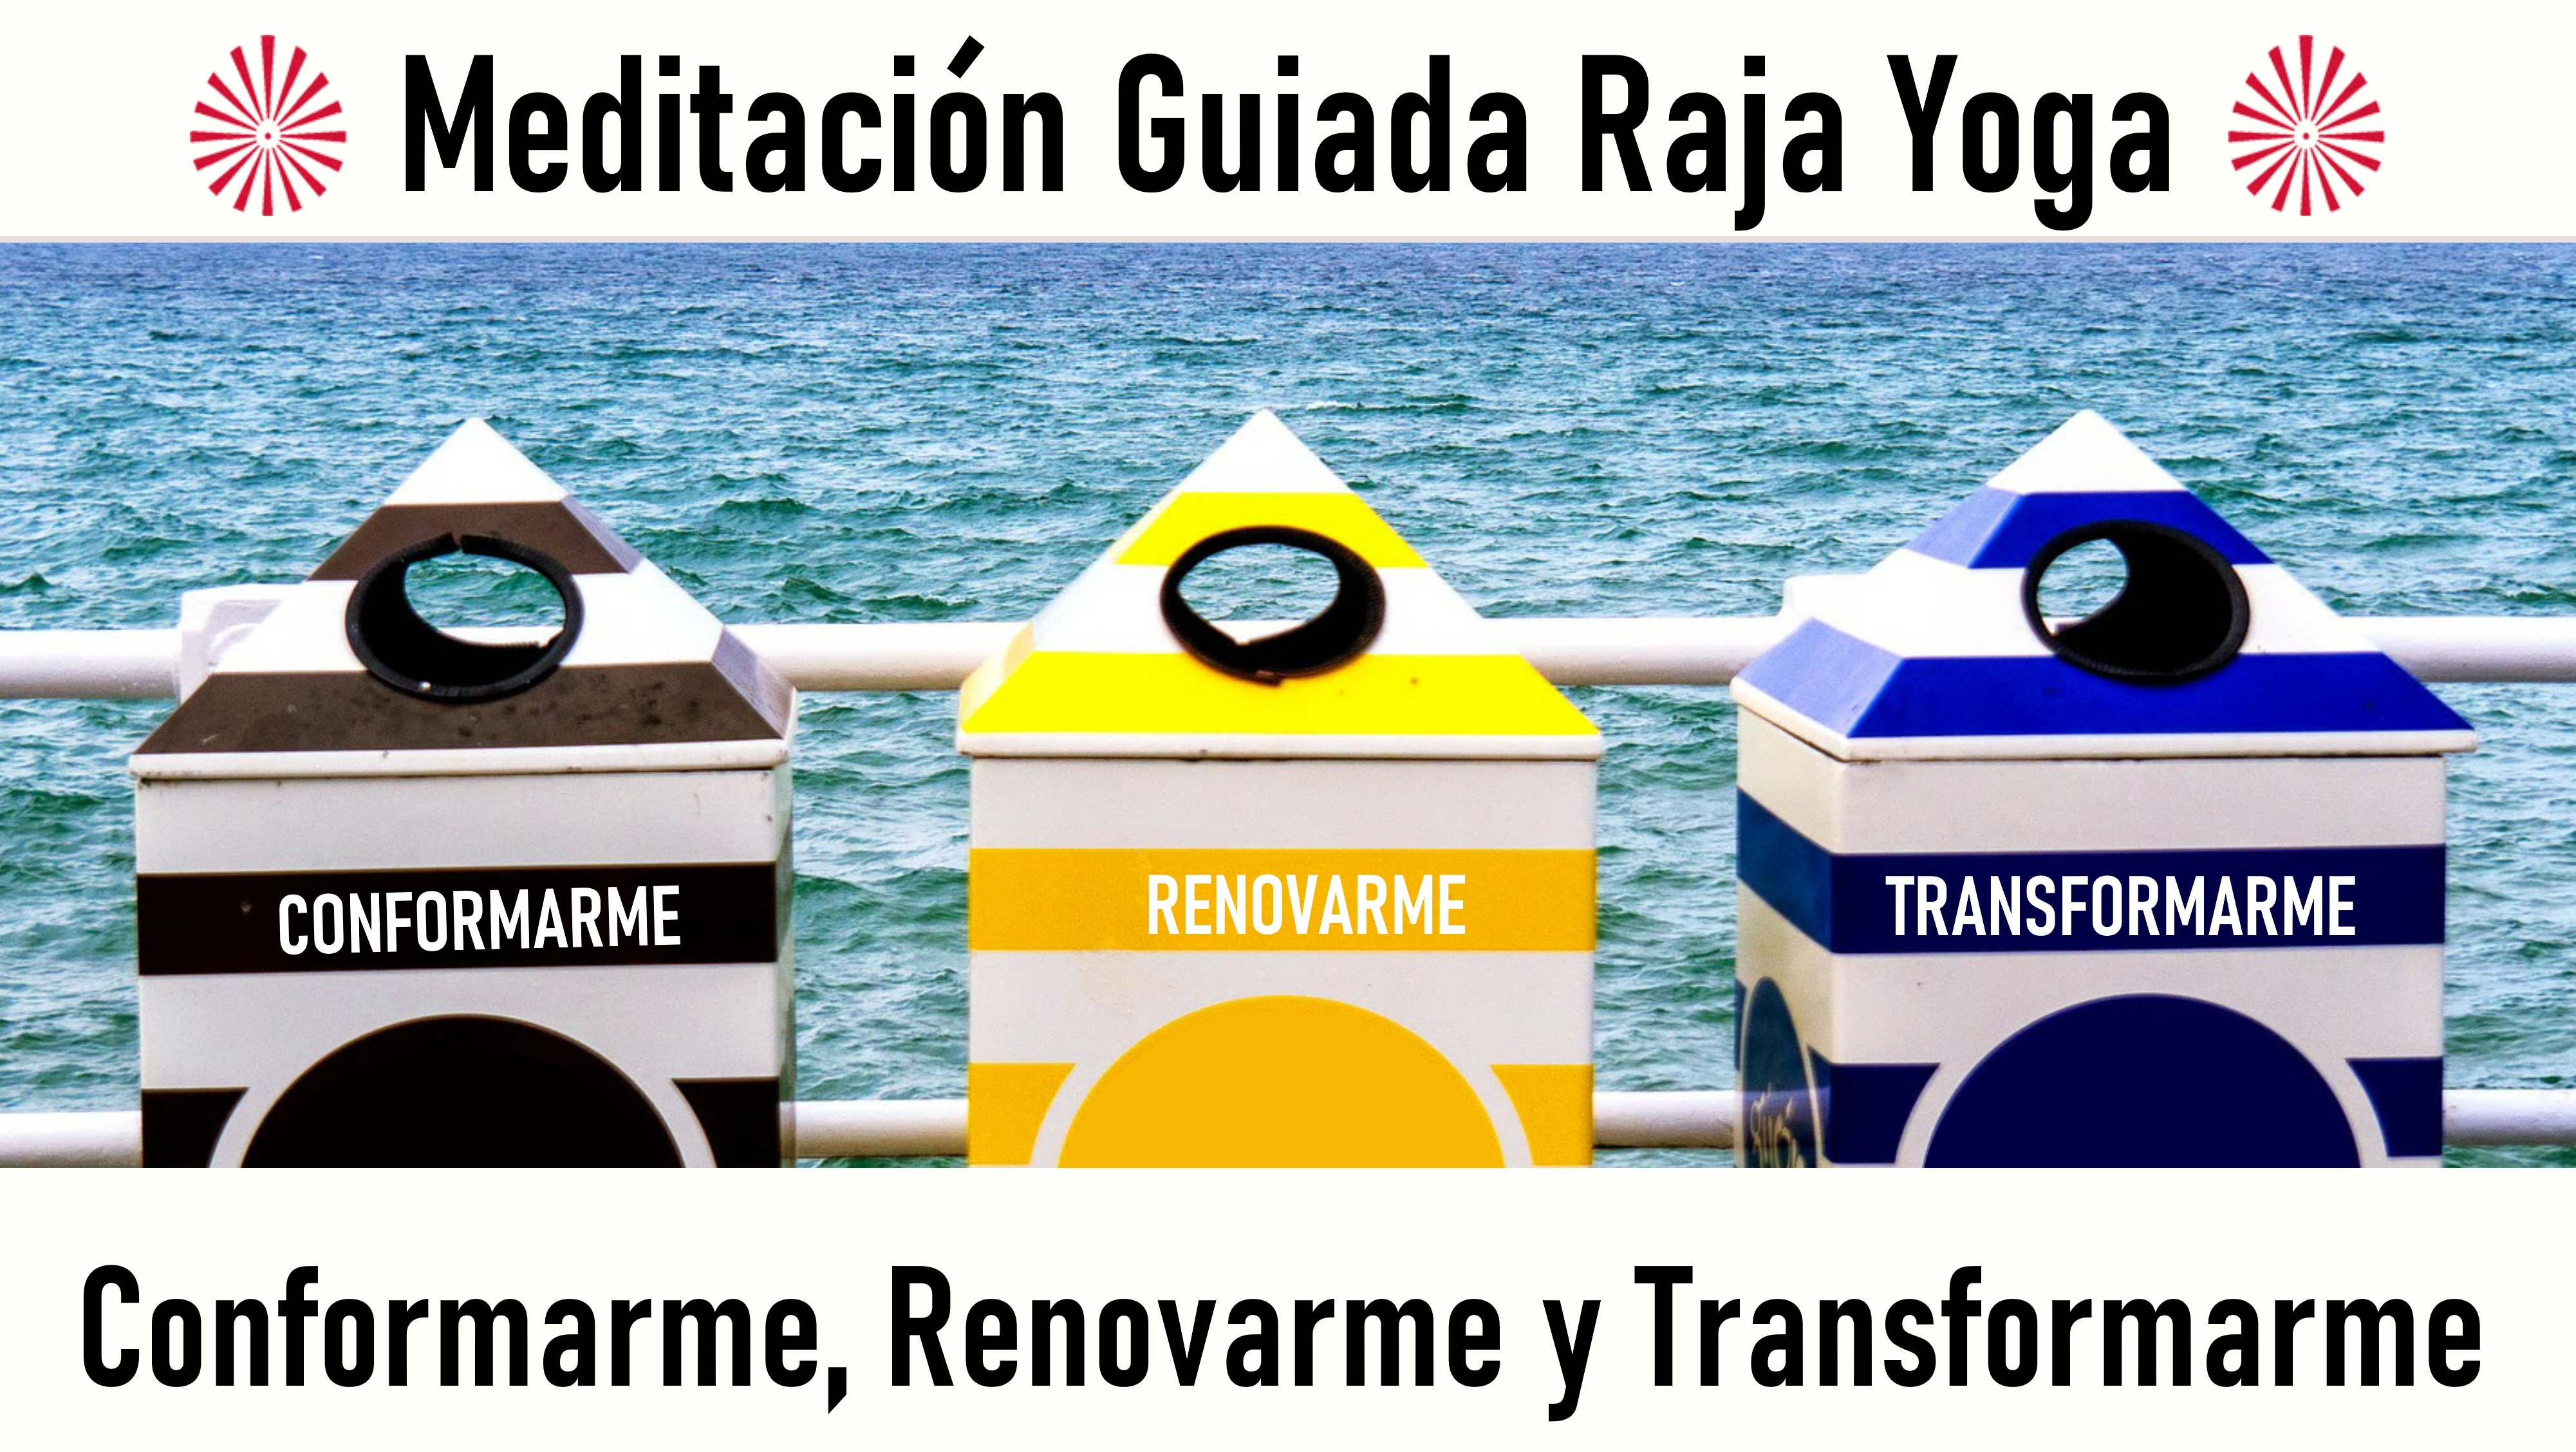 Meditación Raja Yoga: Conformarme, renovarme y transformarme (20 Agosto 2020) On-line desde Barcelona